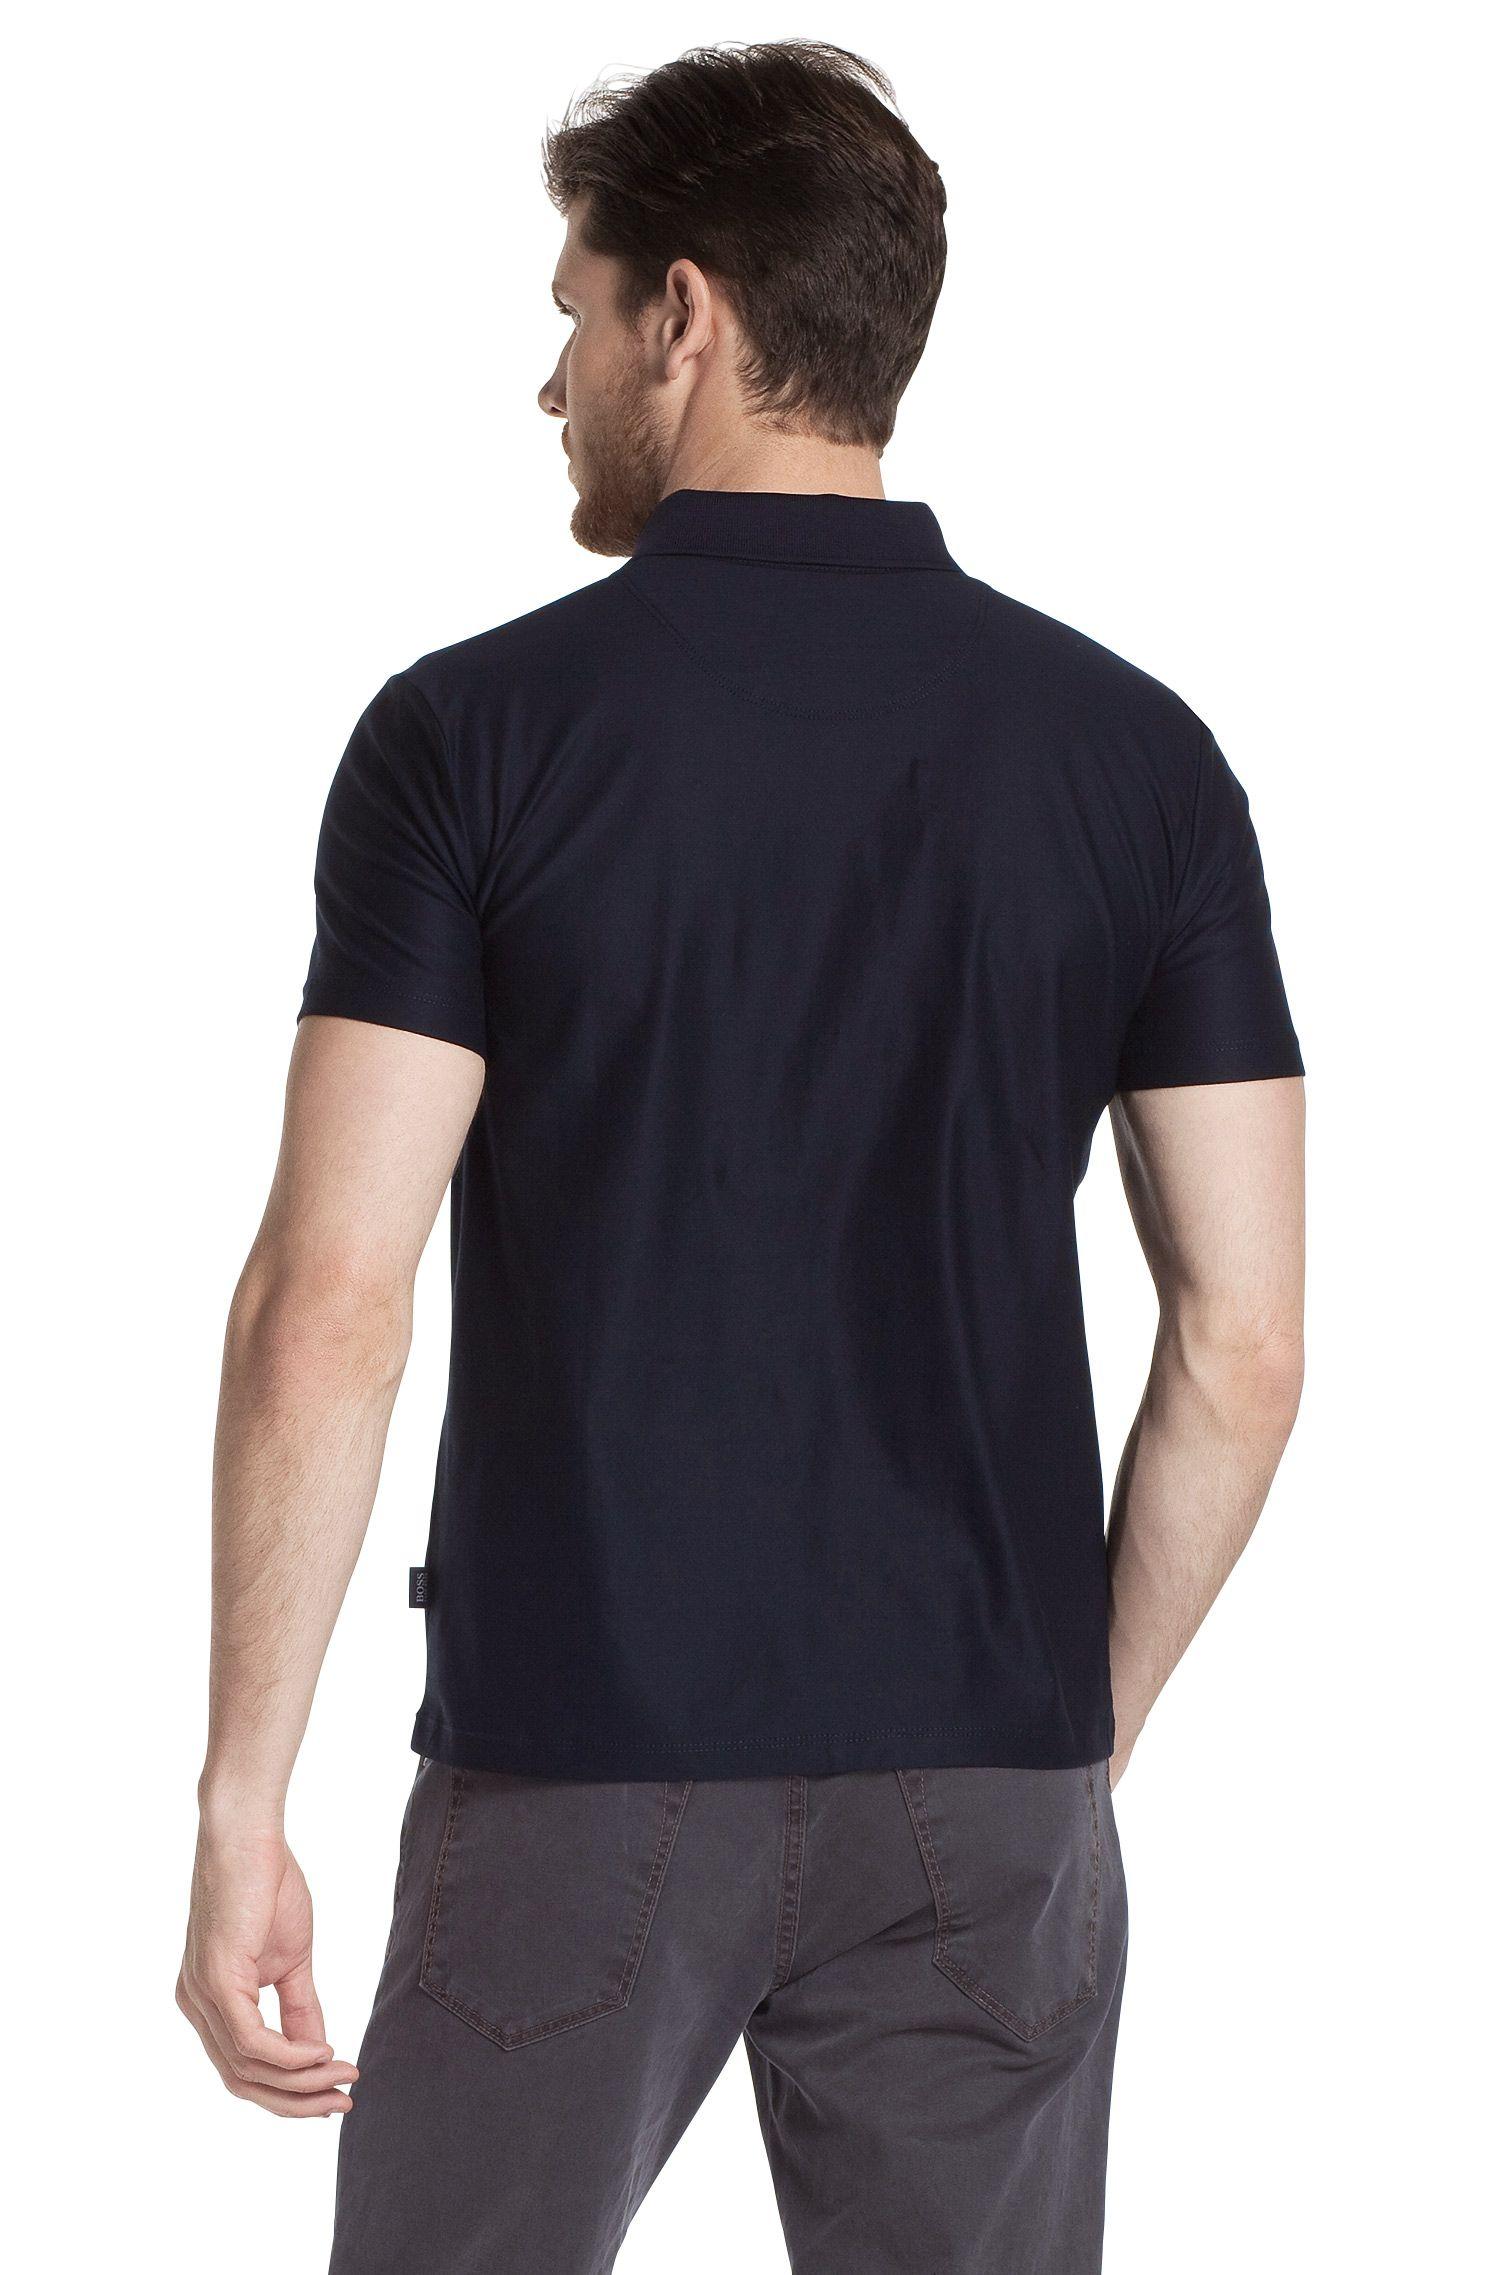 Poloshirt ´Bugnara 11`aus reiner Baumwolle